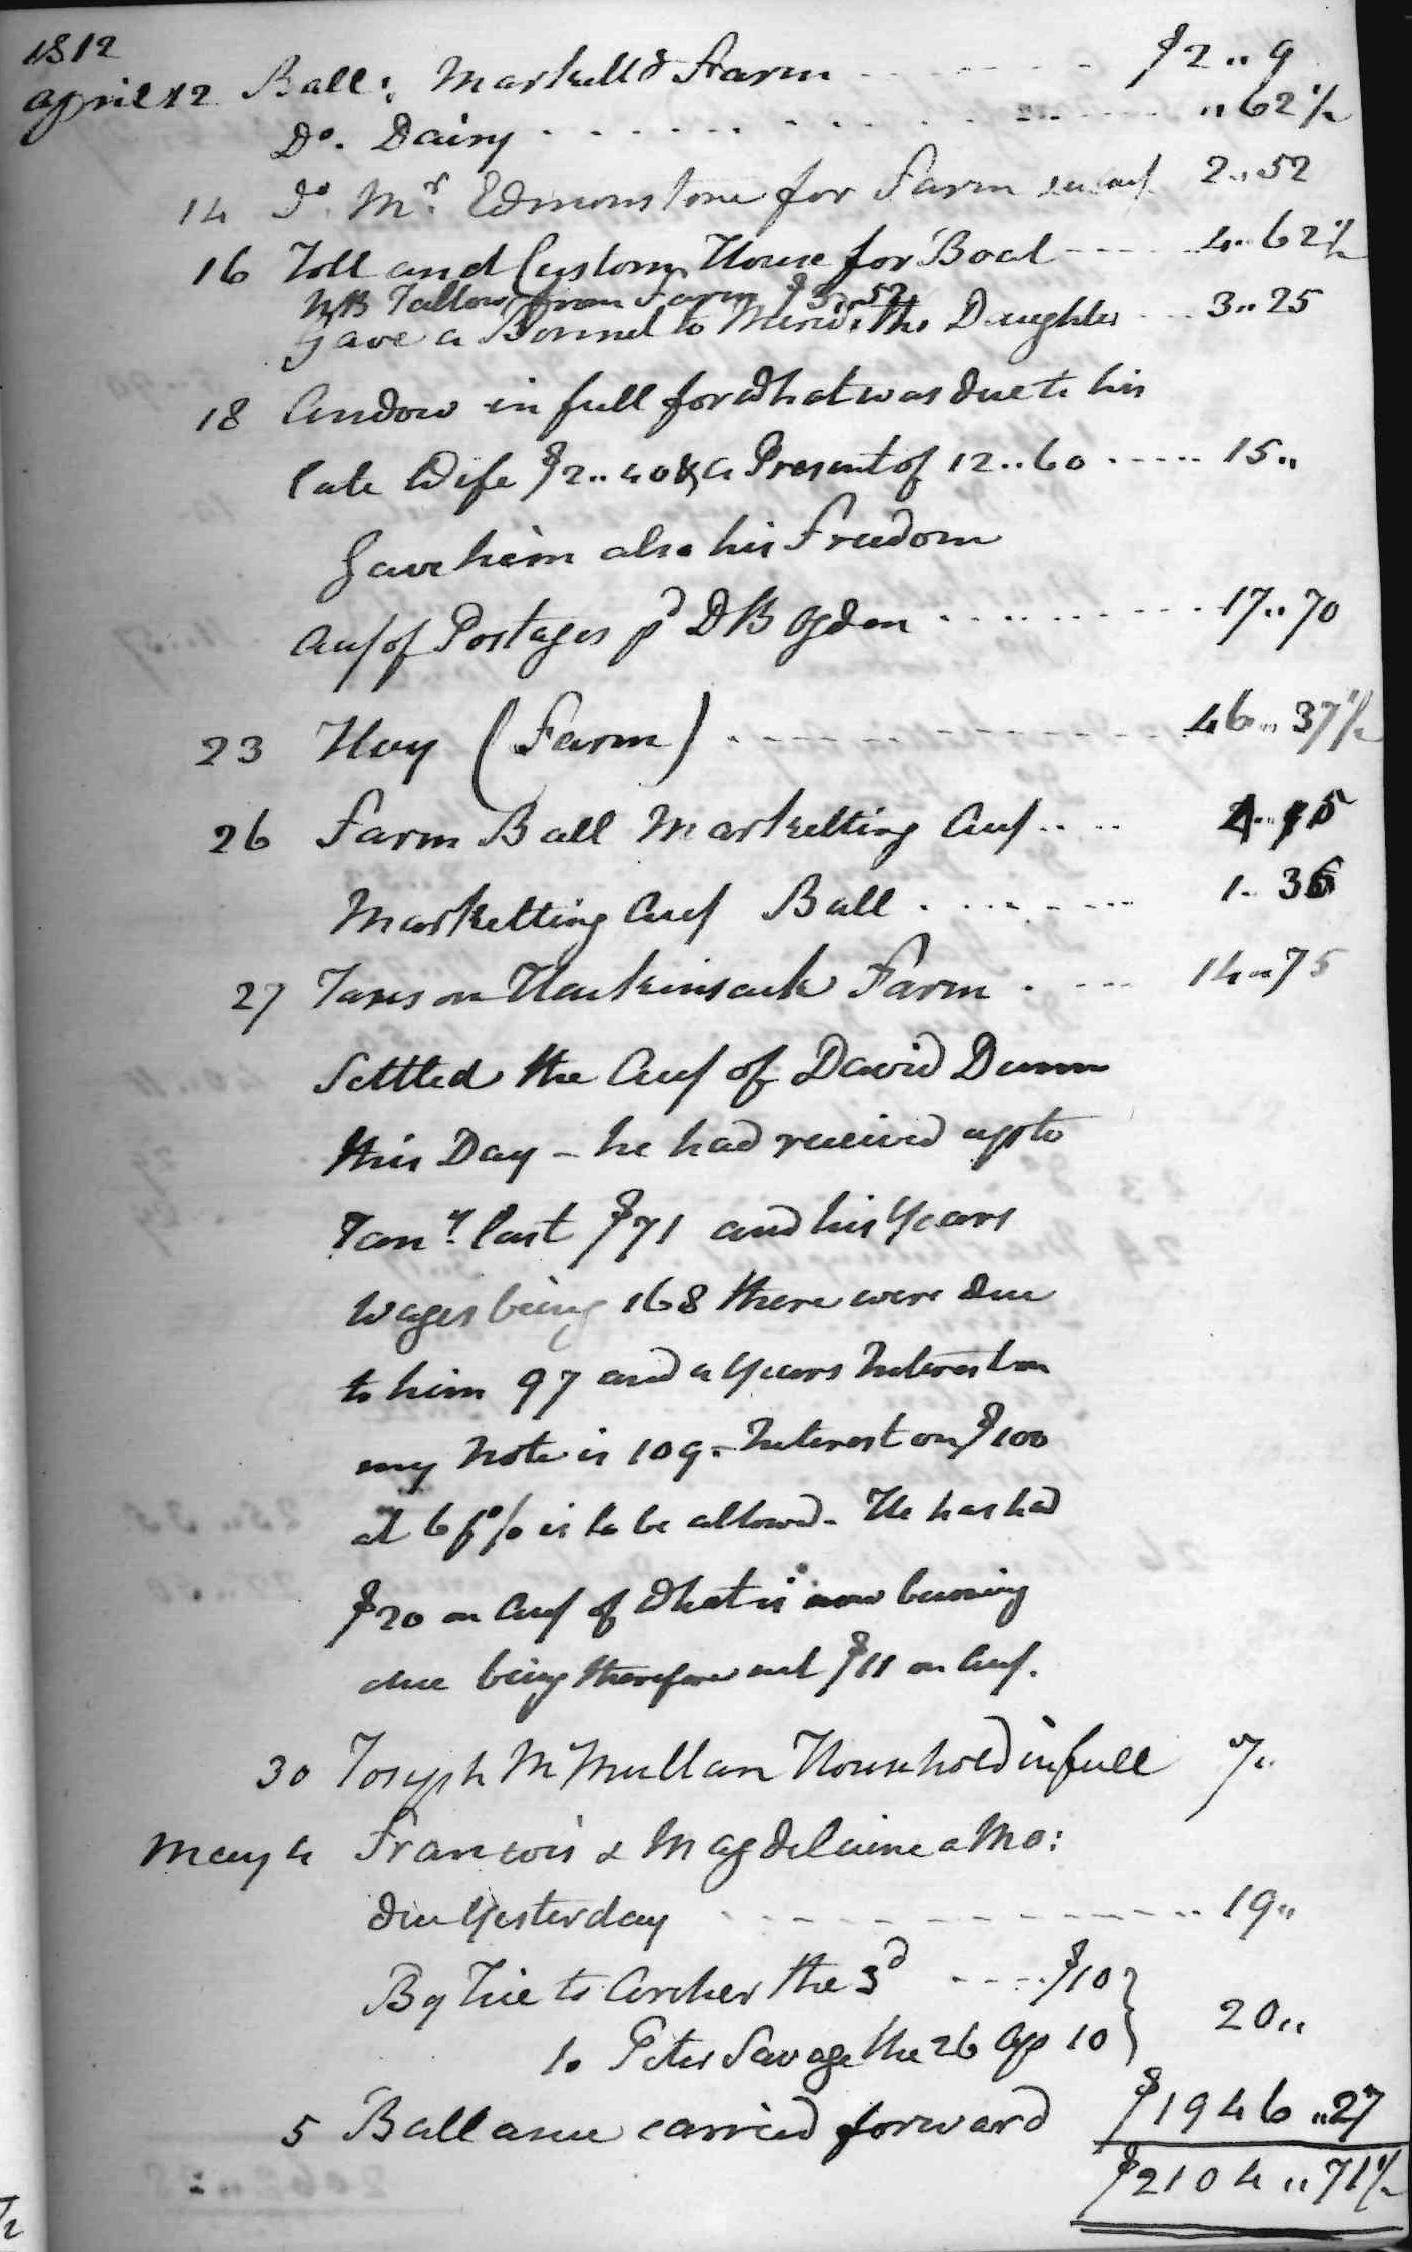 Gouverneur Morris Cash Book, folio 6, right side